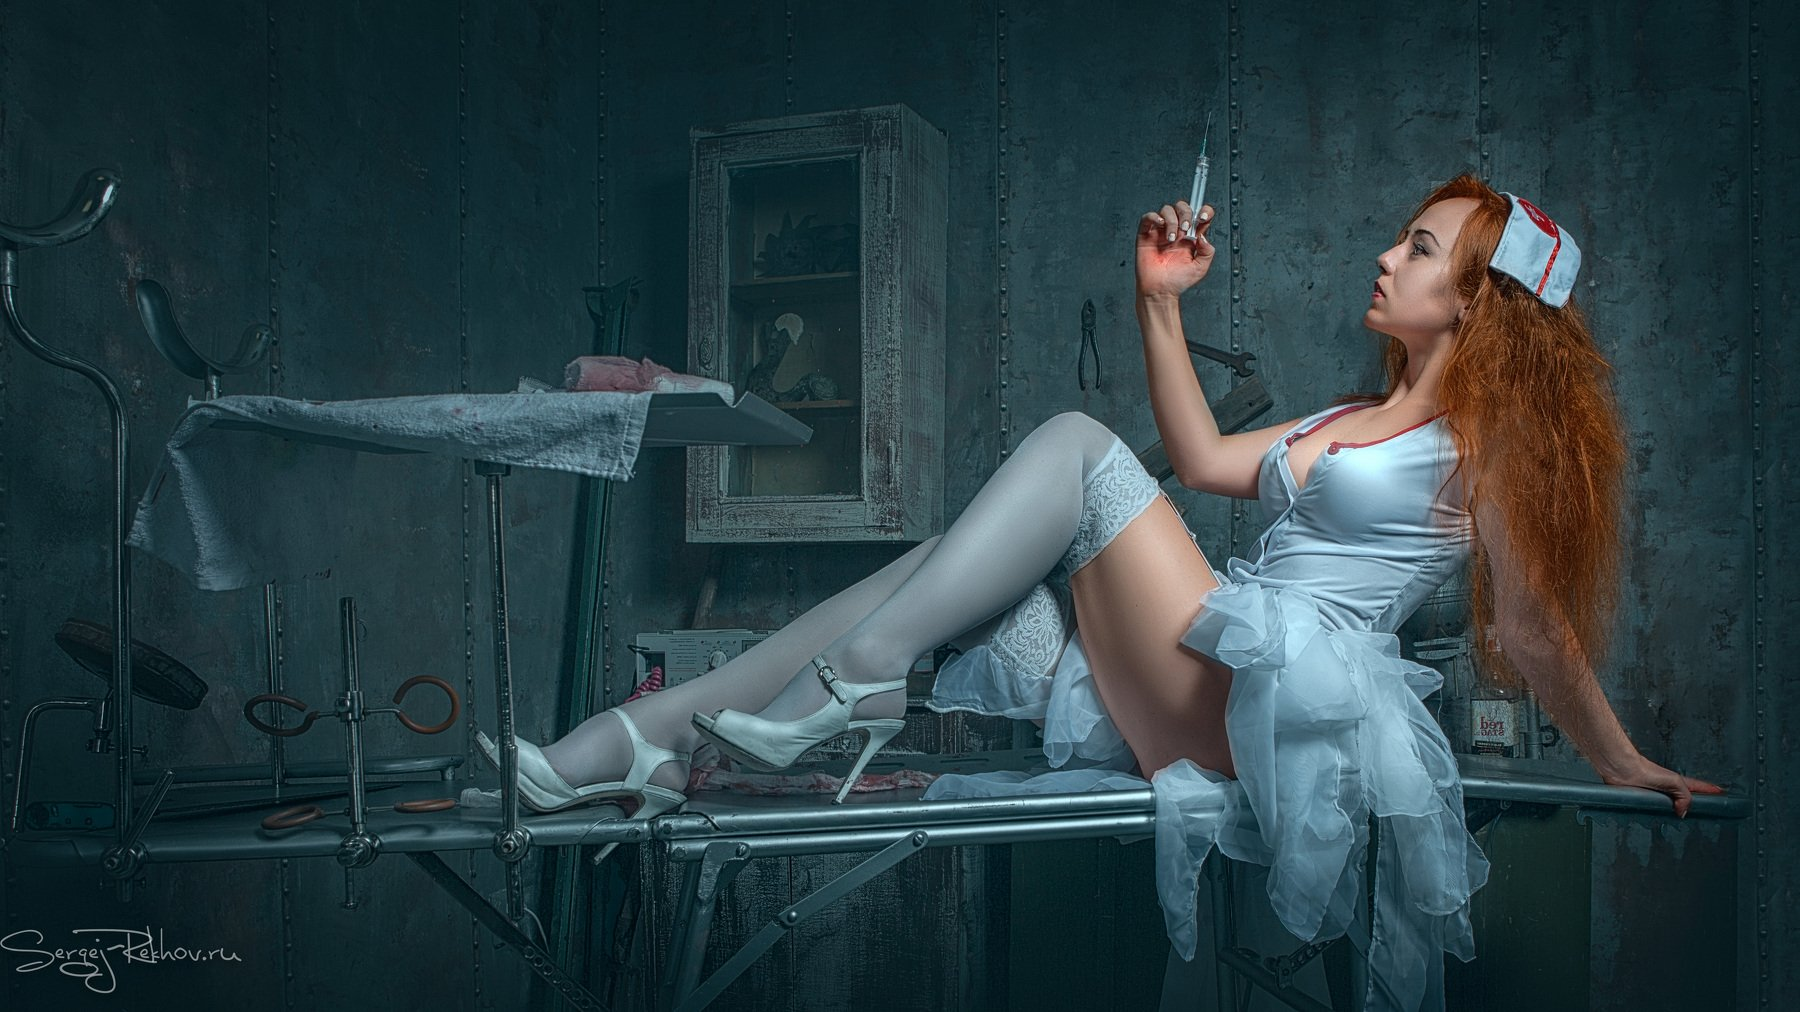 медсестра, больница, ночь, модель, девушка, медицина, Сергей Рехов